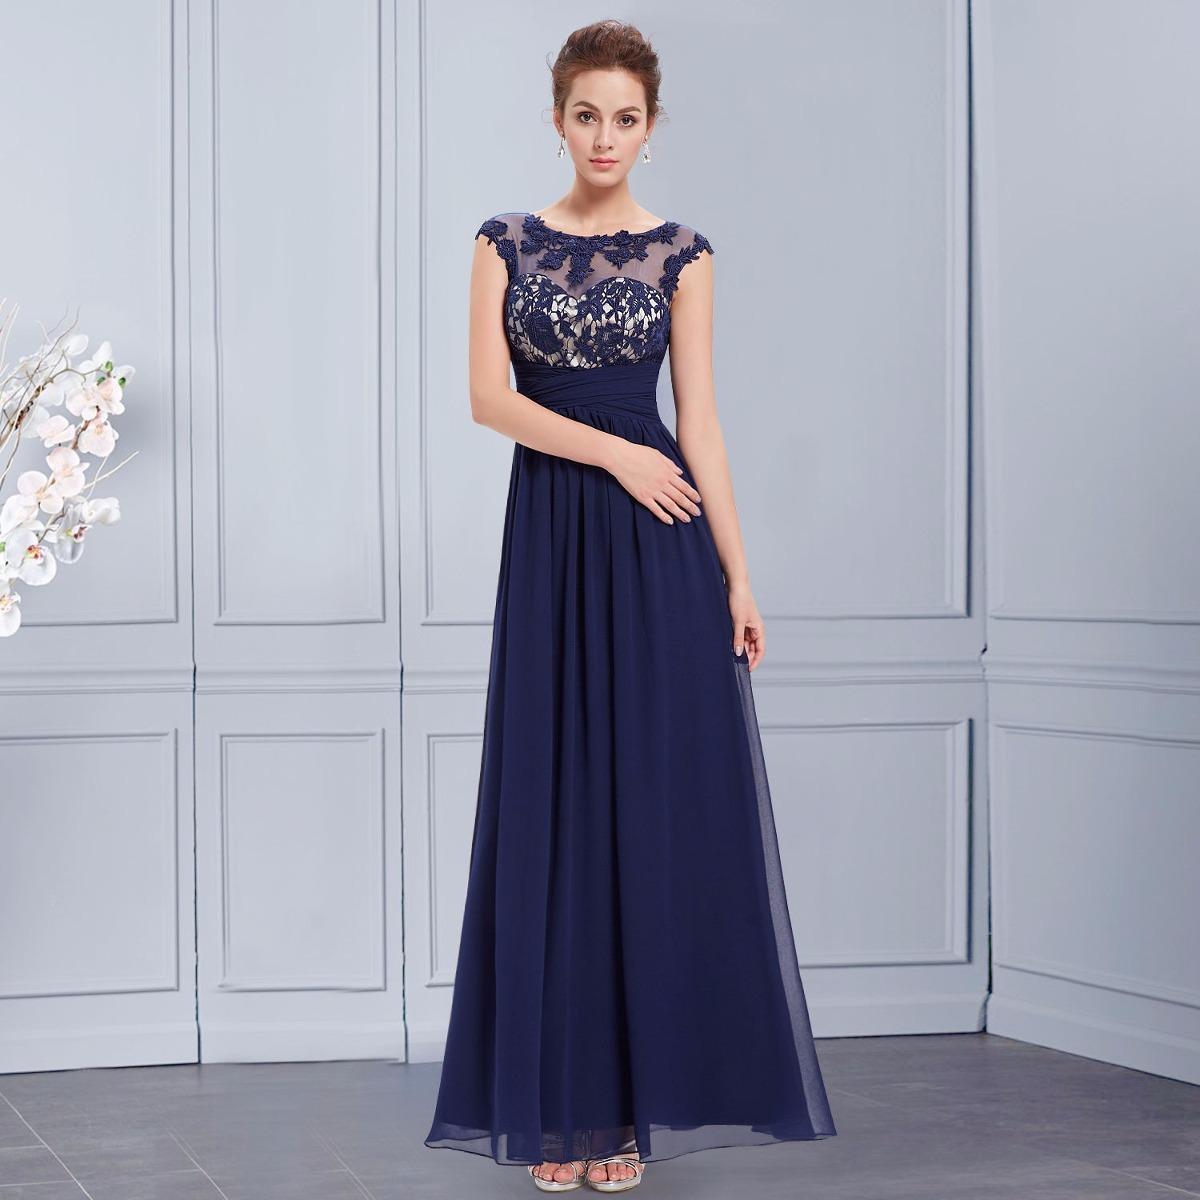 ecadcbeb8 elegante vestido fiesta encaje gasa madrina moda pasión. Cargando zoom.